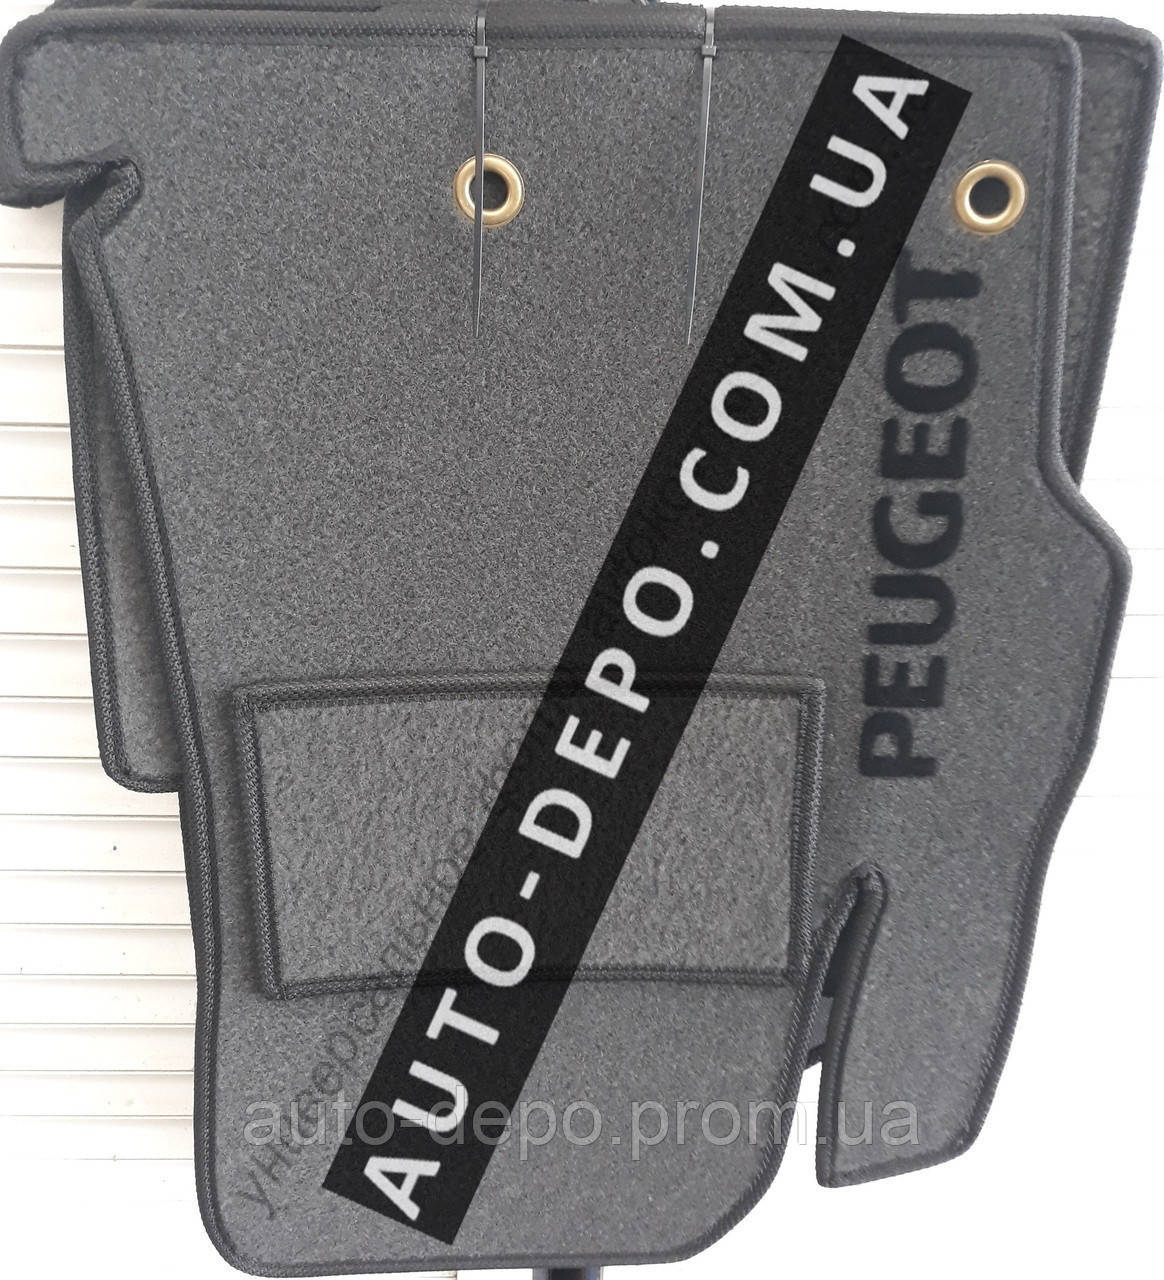 Ворсовые коврики салона Peugeot Partner 2008- VIP ЛЮКС АВТО-ВОРС